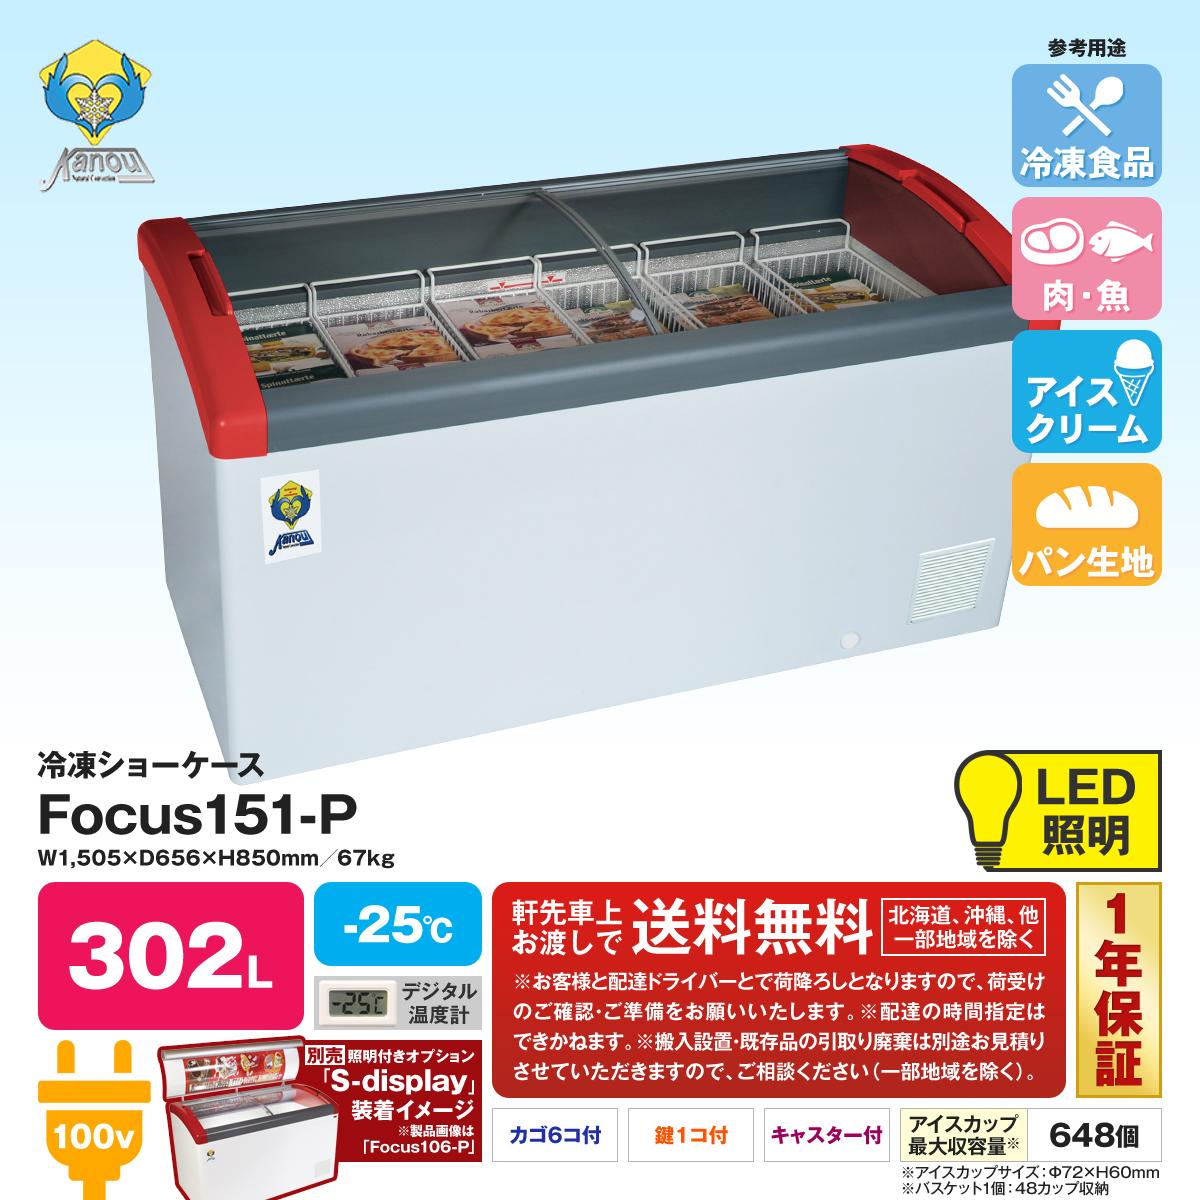 冷凍ショーケース Focus151-P 送料無料